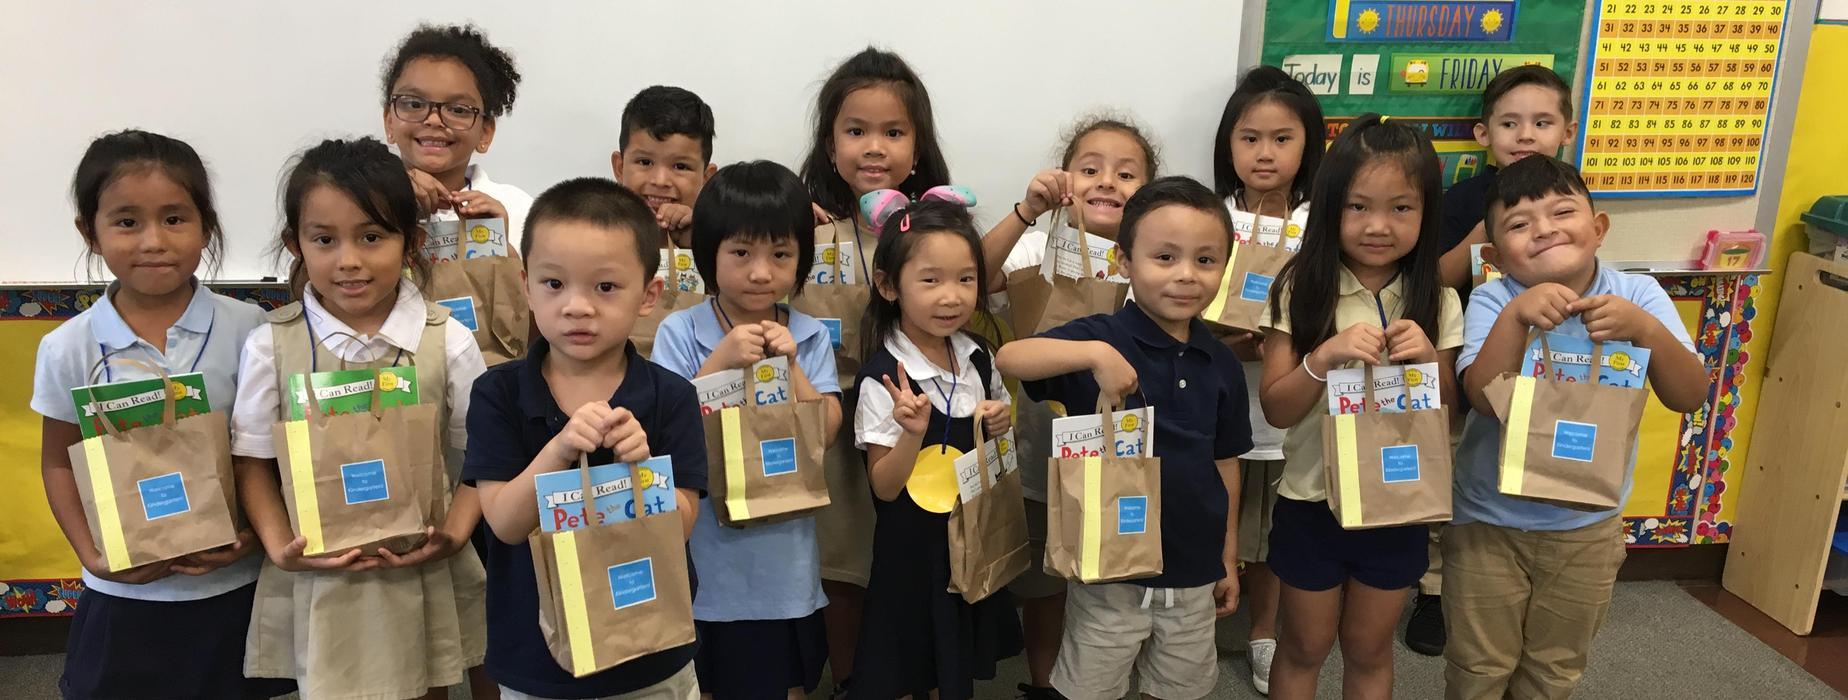 Northrup students receive goodies